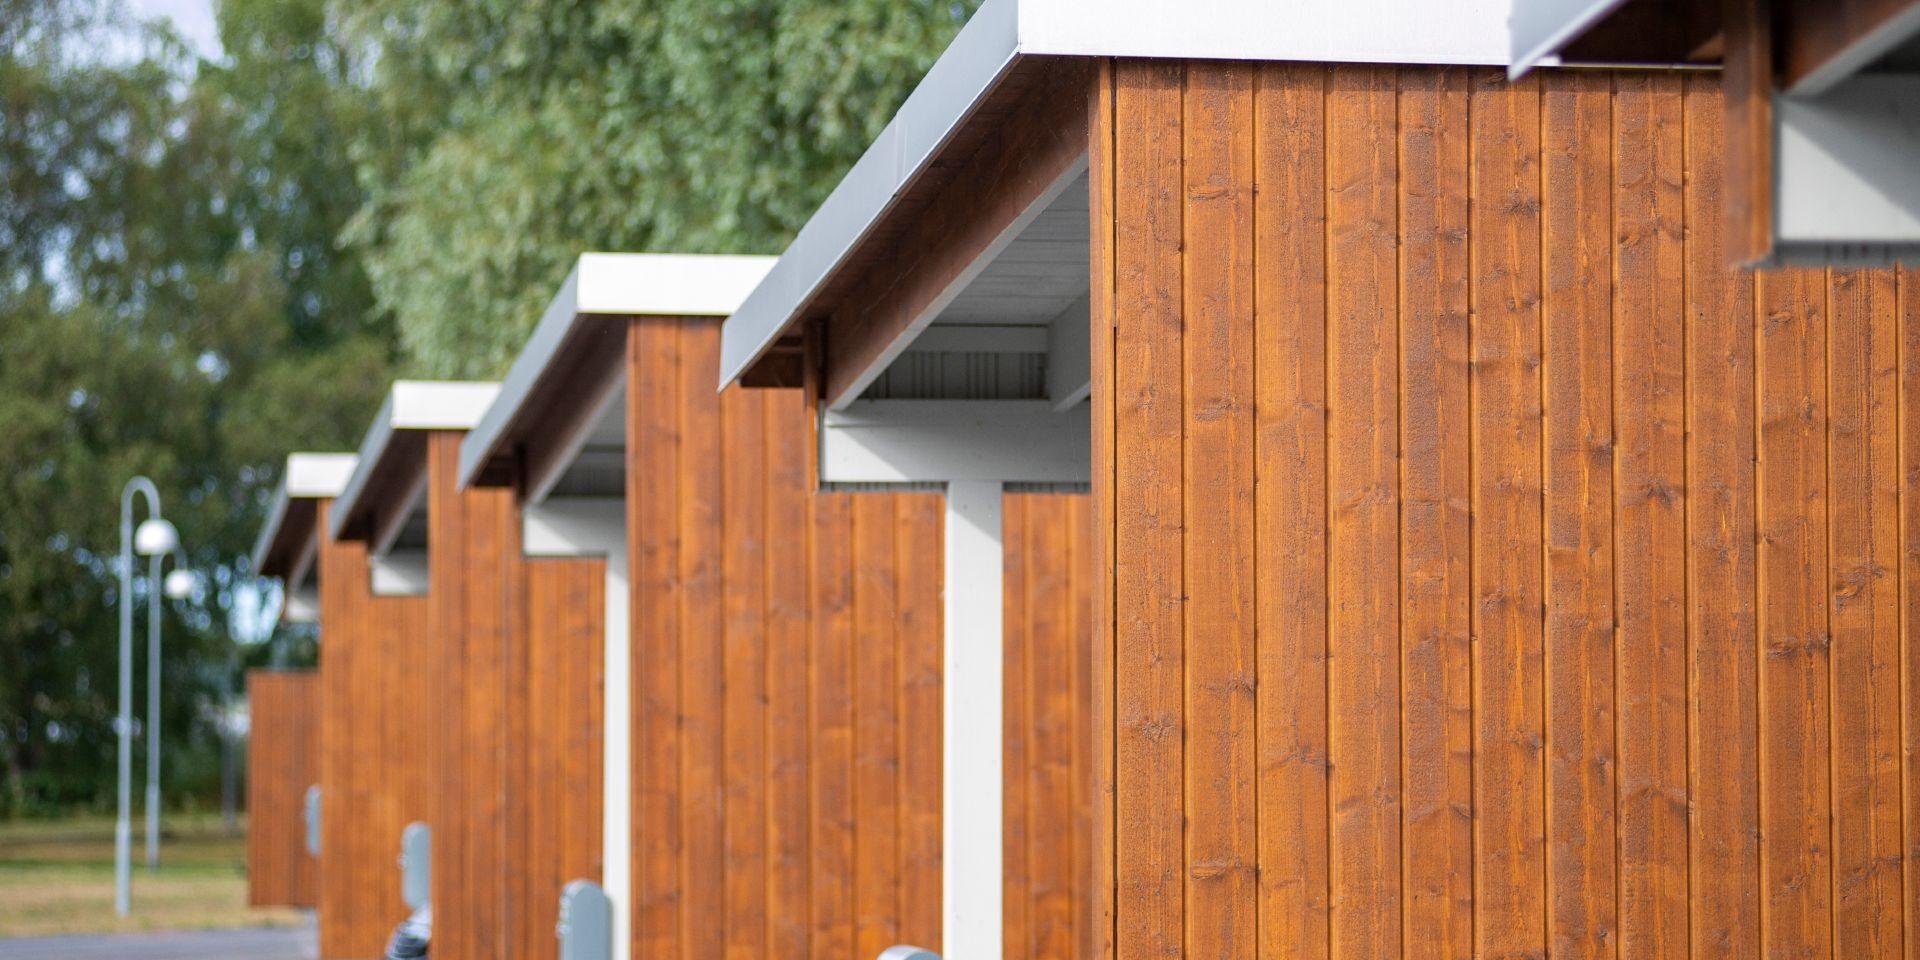 Finnpro.nl Nieuws | houten rijtjeshuizen in Nukoping, Zweden | Super Colors | Pinja Color Plus | Tikkurila